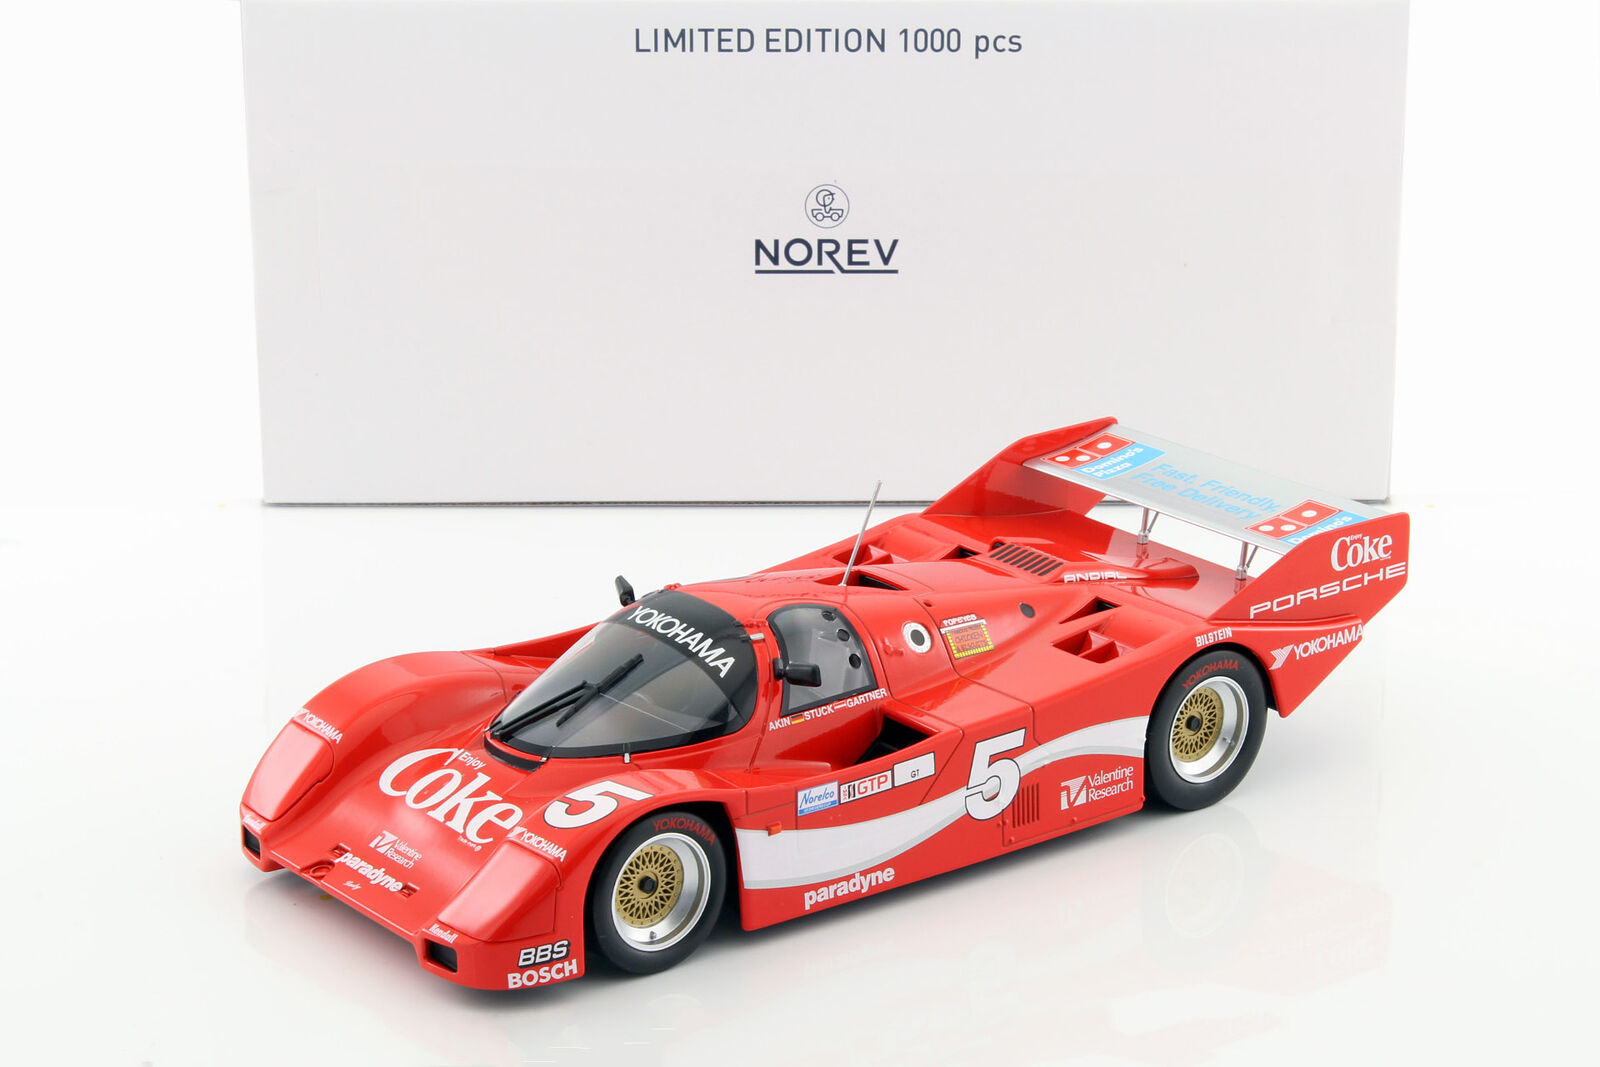 Porsche 962 IMSA  5 WINNER 12 H Sebring 1986 Akin, stuc, Gartner 1 18 Norev